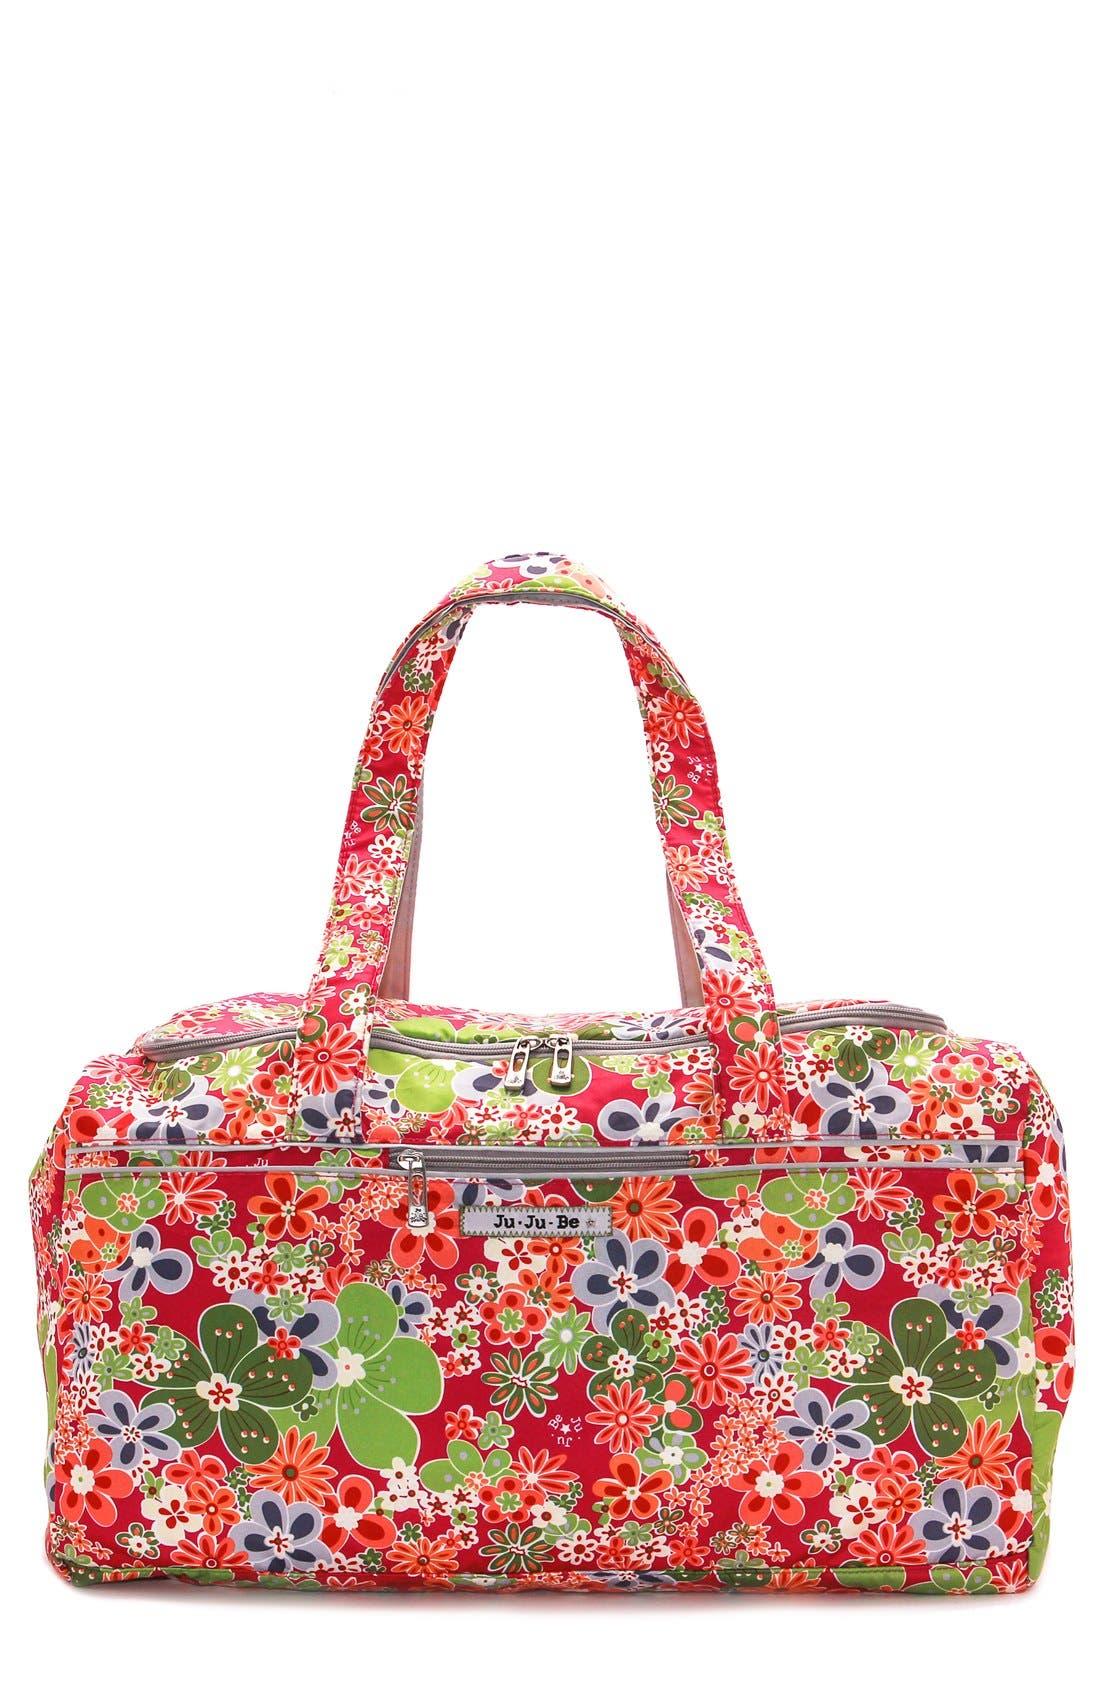 Main Image - Ju-Ju-Be 'Starlet' Travel Diaper Bag